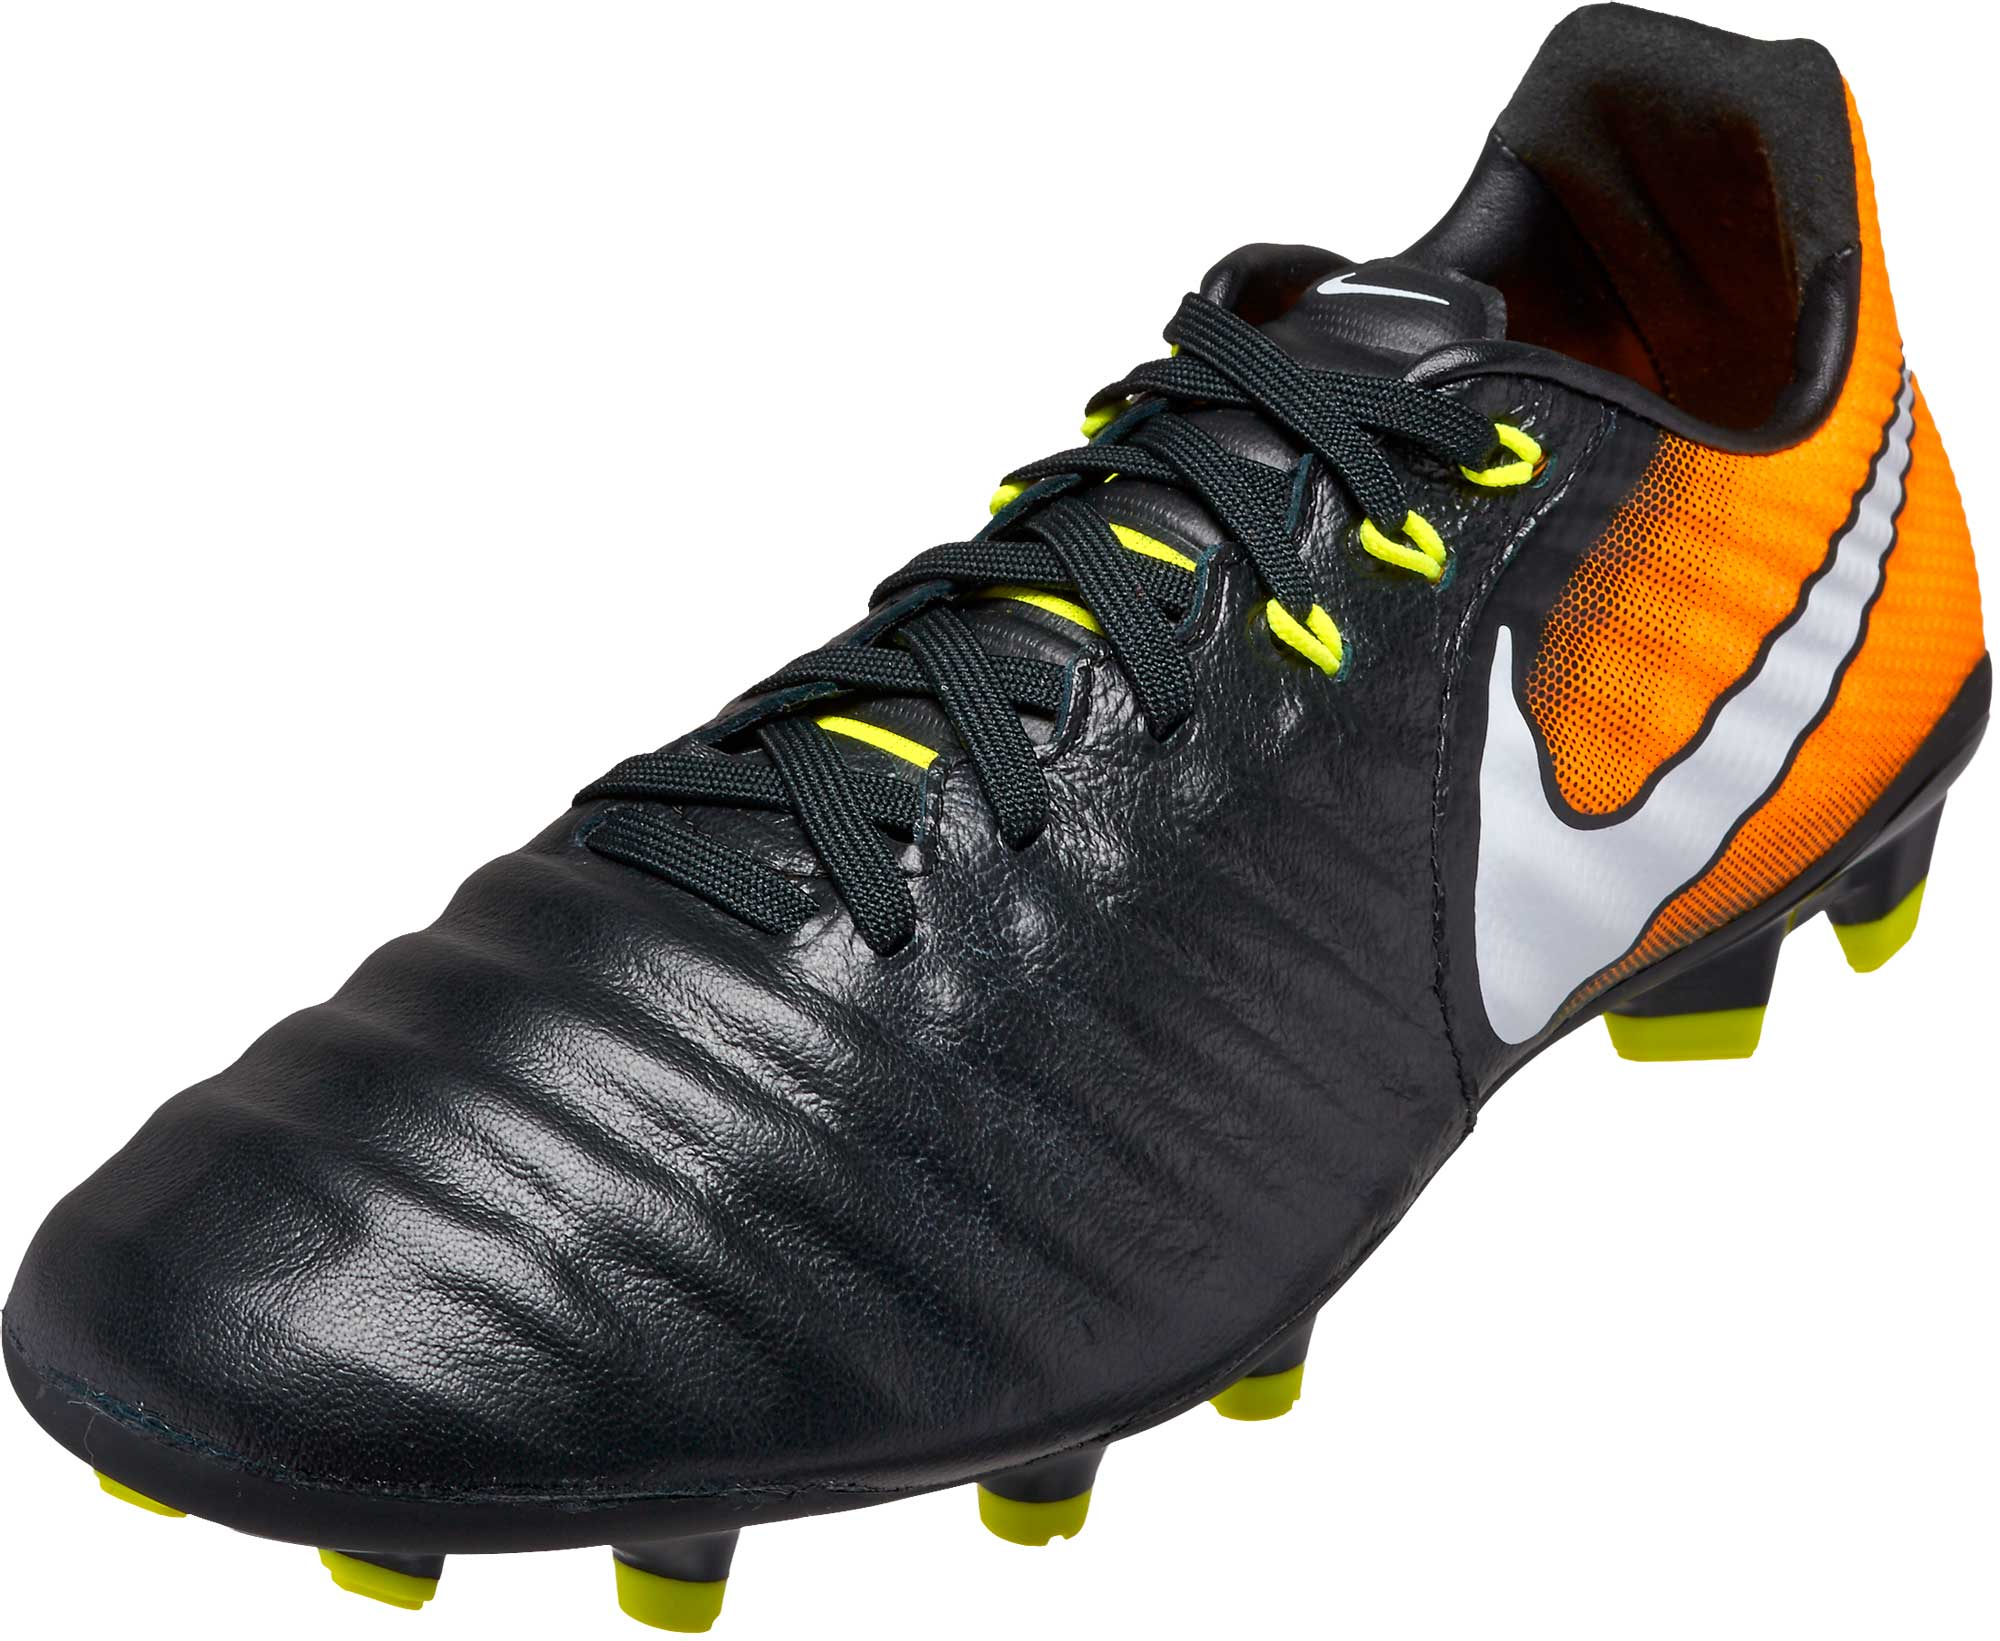 64b4ddd6bcf Nike Tiempo Legend Vii Fg